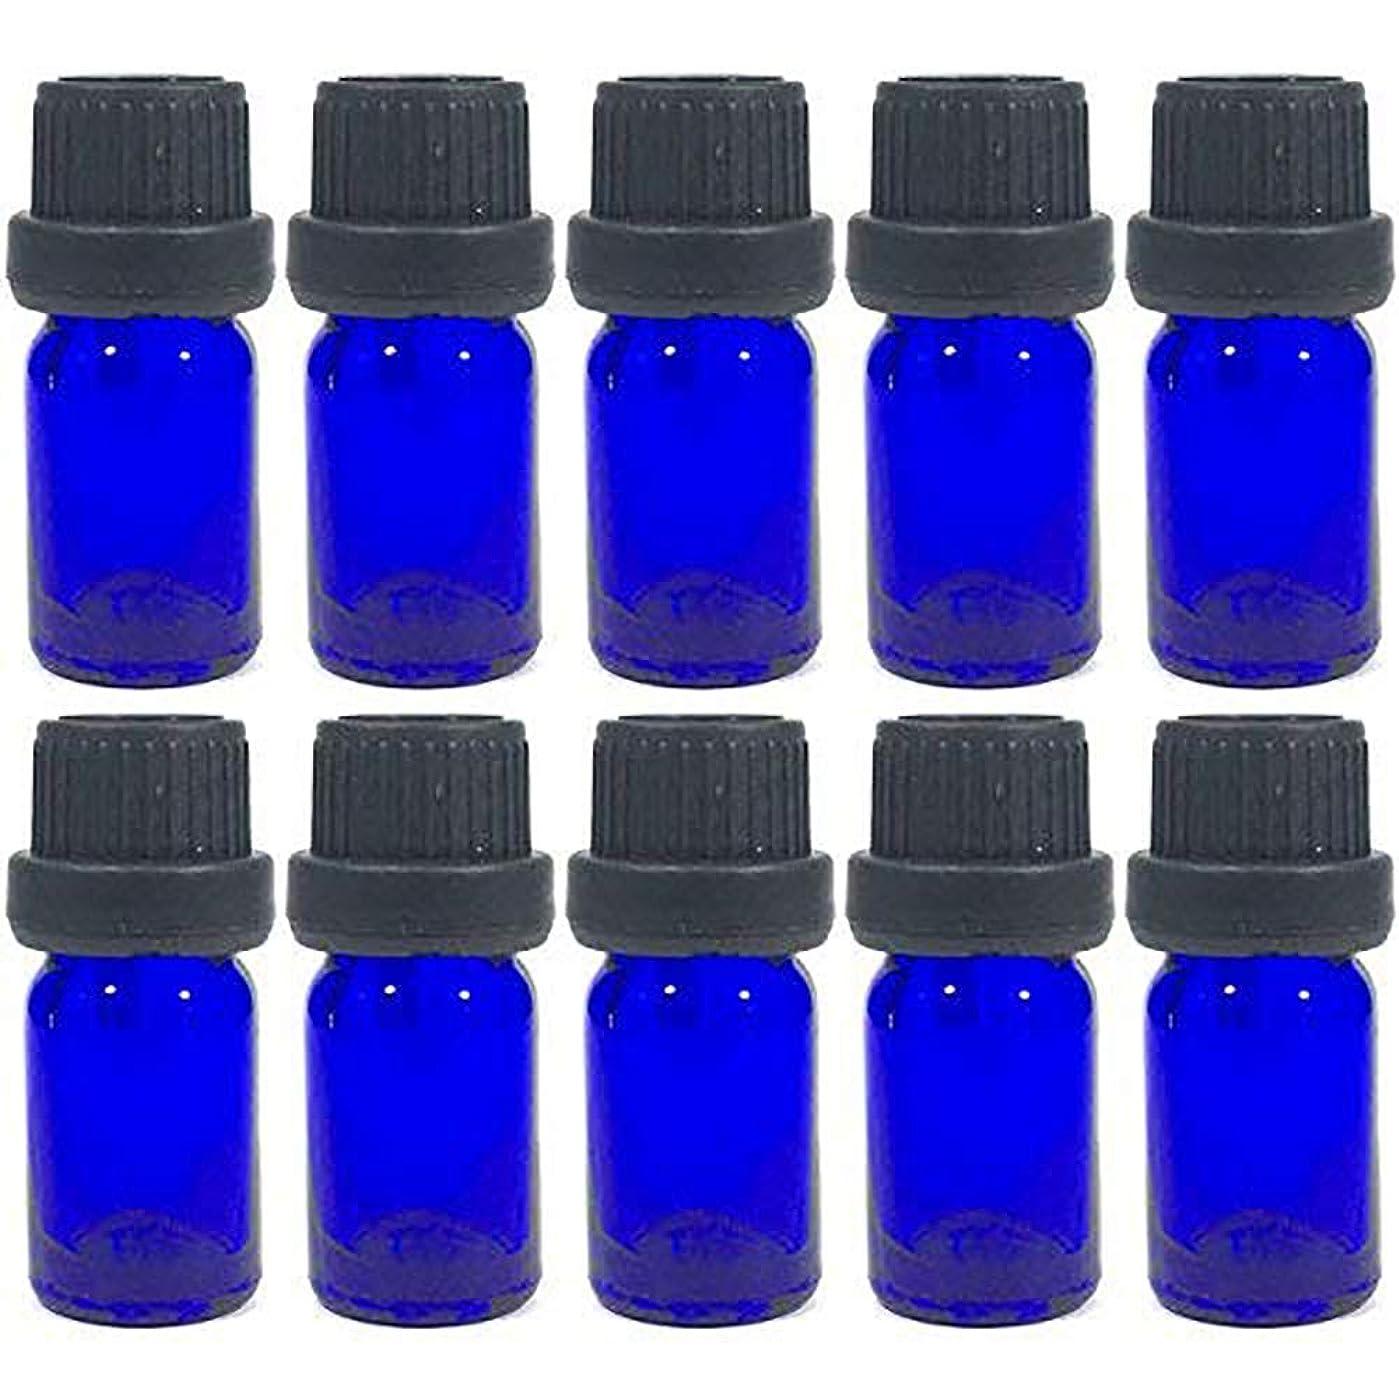 から以下全く10本セット ガラス製 アロマオイル遮光瓶 エッセンシャルオイル アロマ 遮光ビン 保存用 精油 ガラスボトル